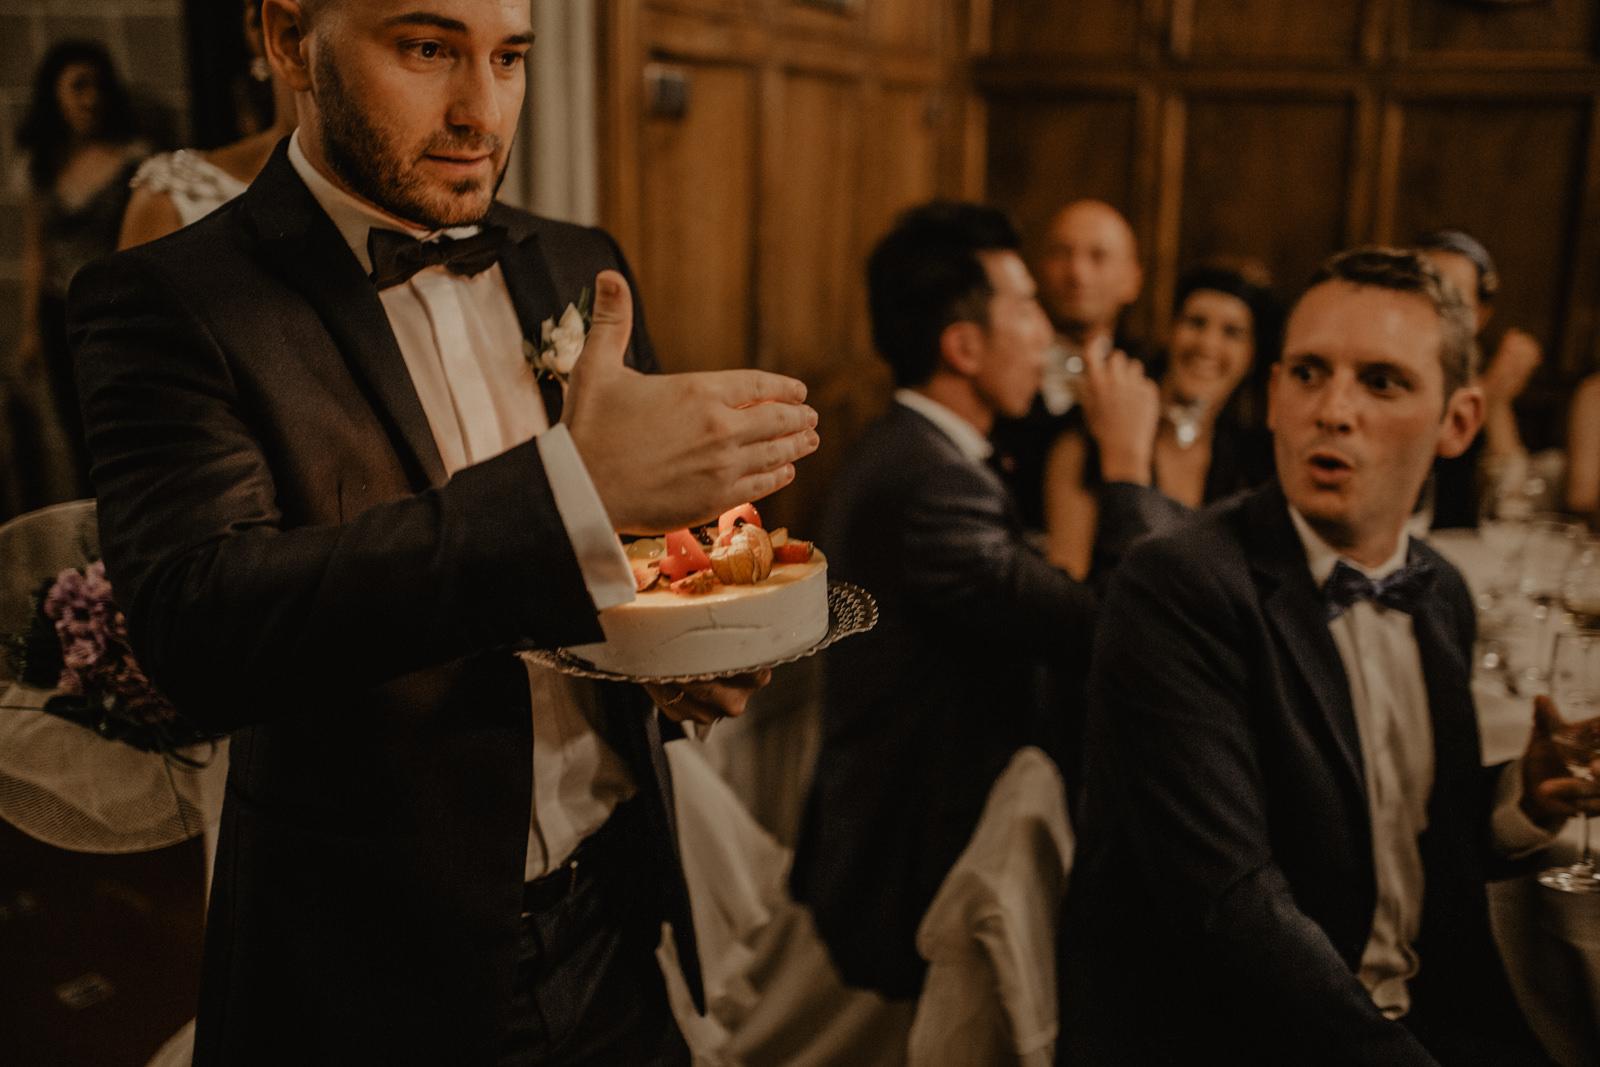 thenortherngirlphotography_photography_thenortherngirl_rebeccascabros_wedding_weddingphotography_weddingphotographer_barcelona_bodaenlabaronia_labaronia_japanesewedding_destinationwedding_shokoalbert-853.jpg